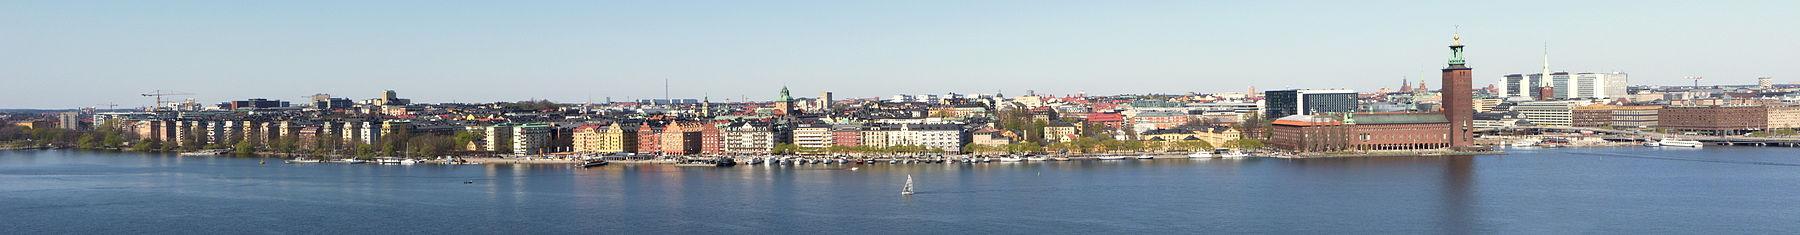 Panorama over Kungsholmen og en del af Nedre Norrmalm, set fra  Skinnarviksberget i april 2011.